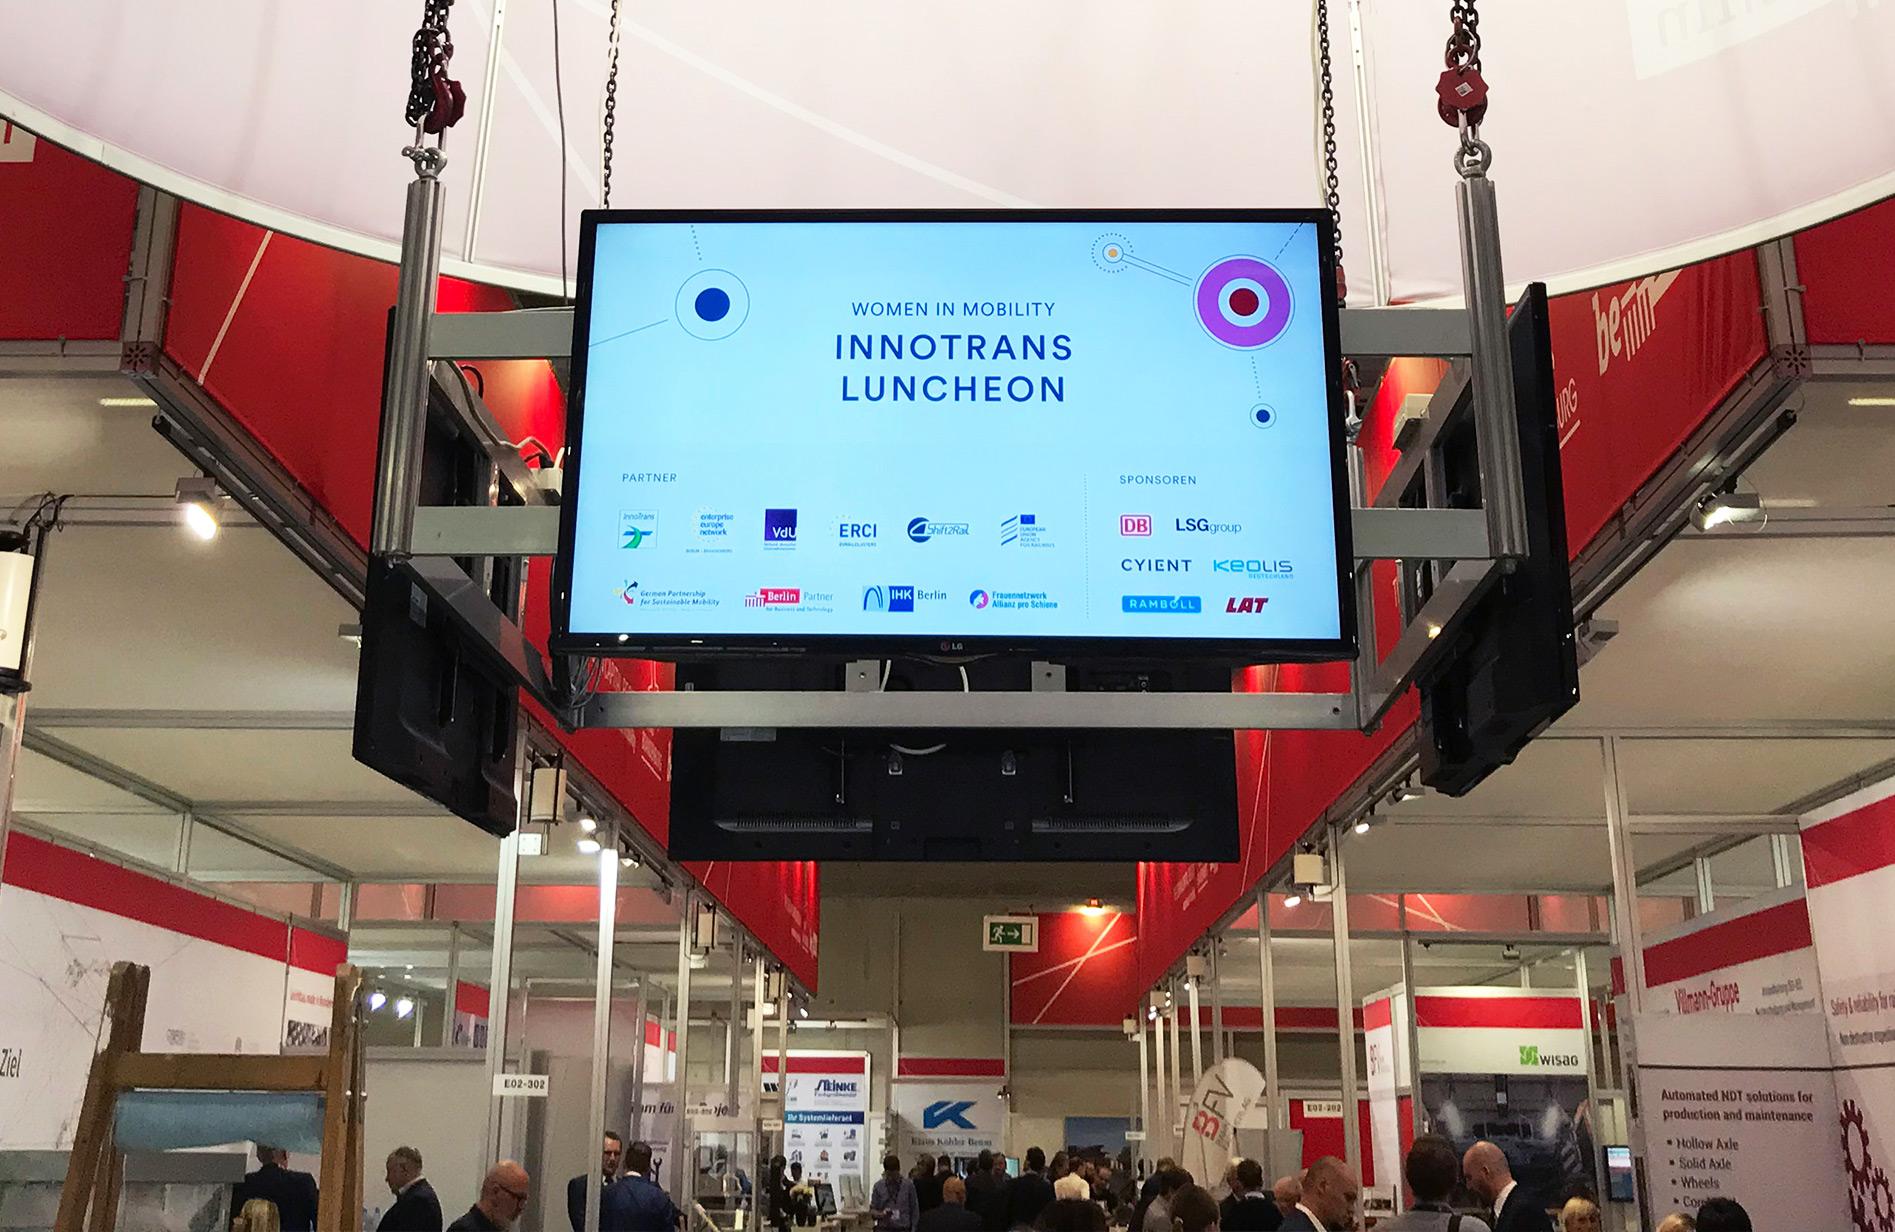 Gleichberechtigt & digitalisiert in die Zukunft - Bildschirm zeigt auf einer Messe den Schriftzug vom InnoTrans Ladies Lunch